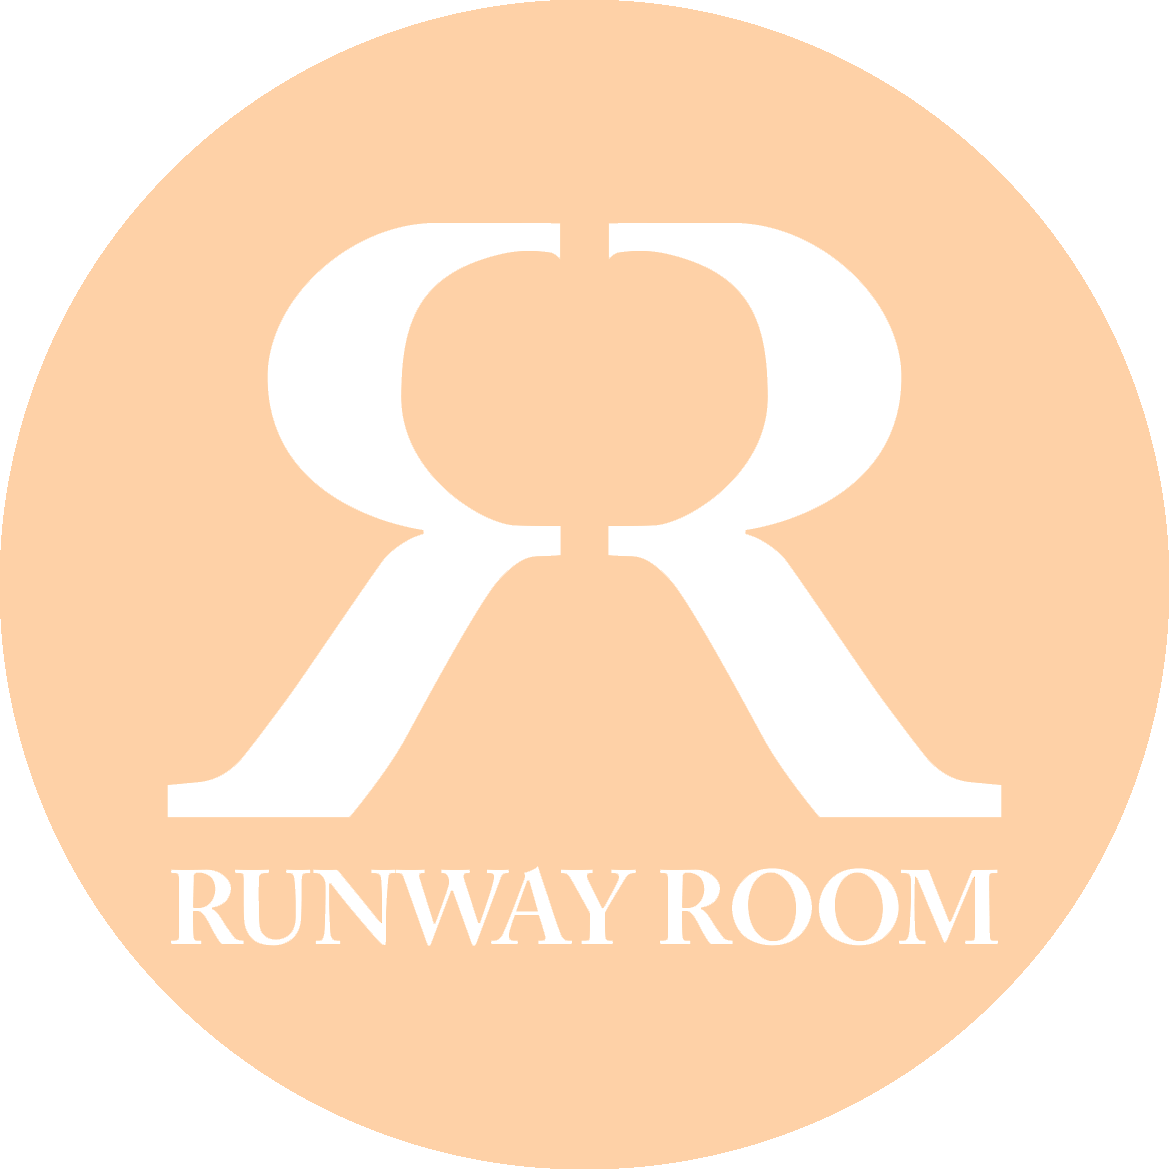 runway-room